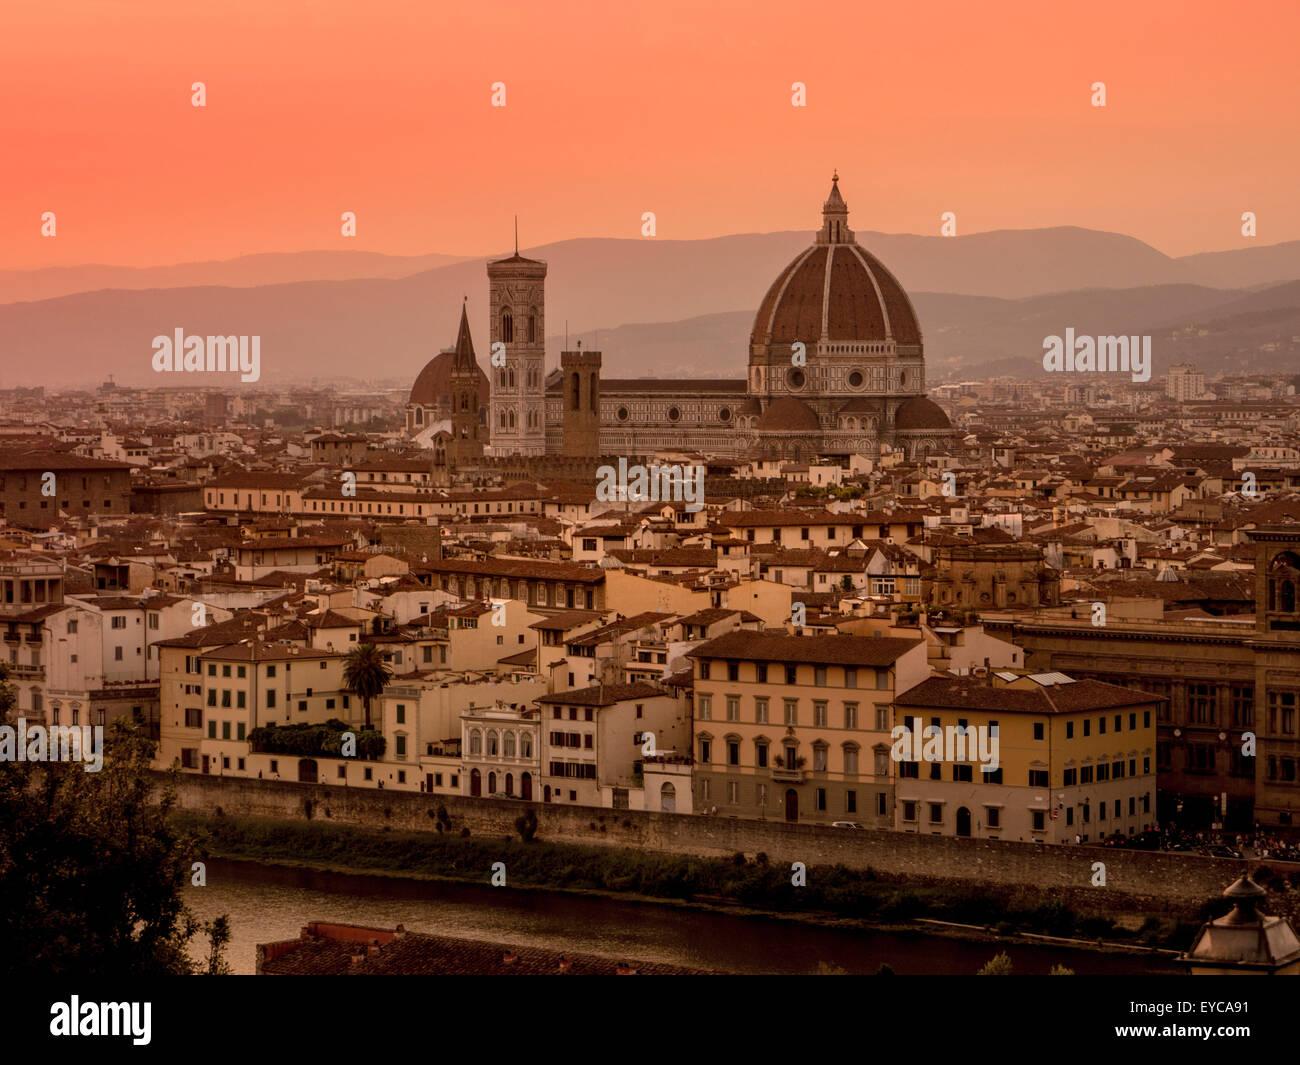 La cathédrale de Florence au crépuscule. Florence, Italie. Photo Stock